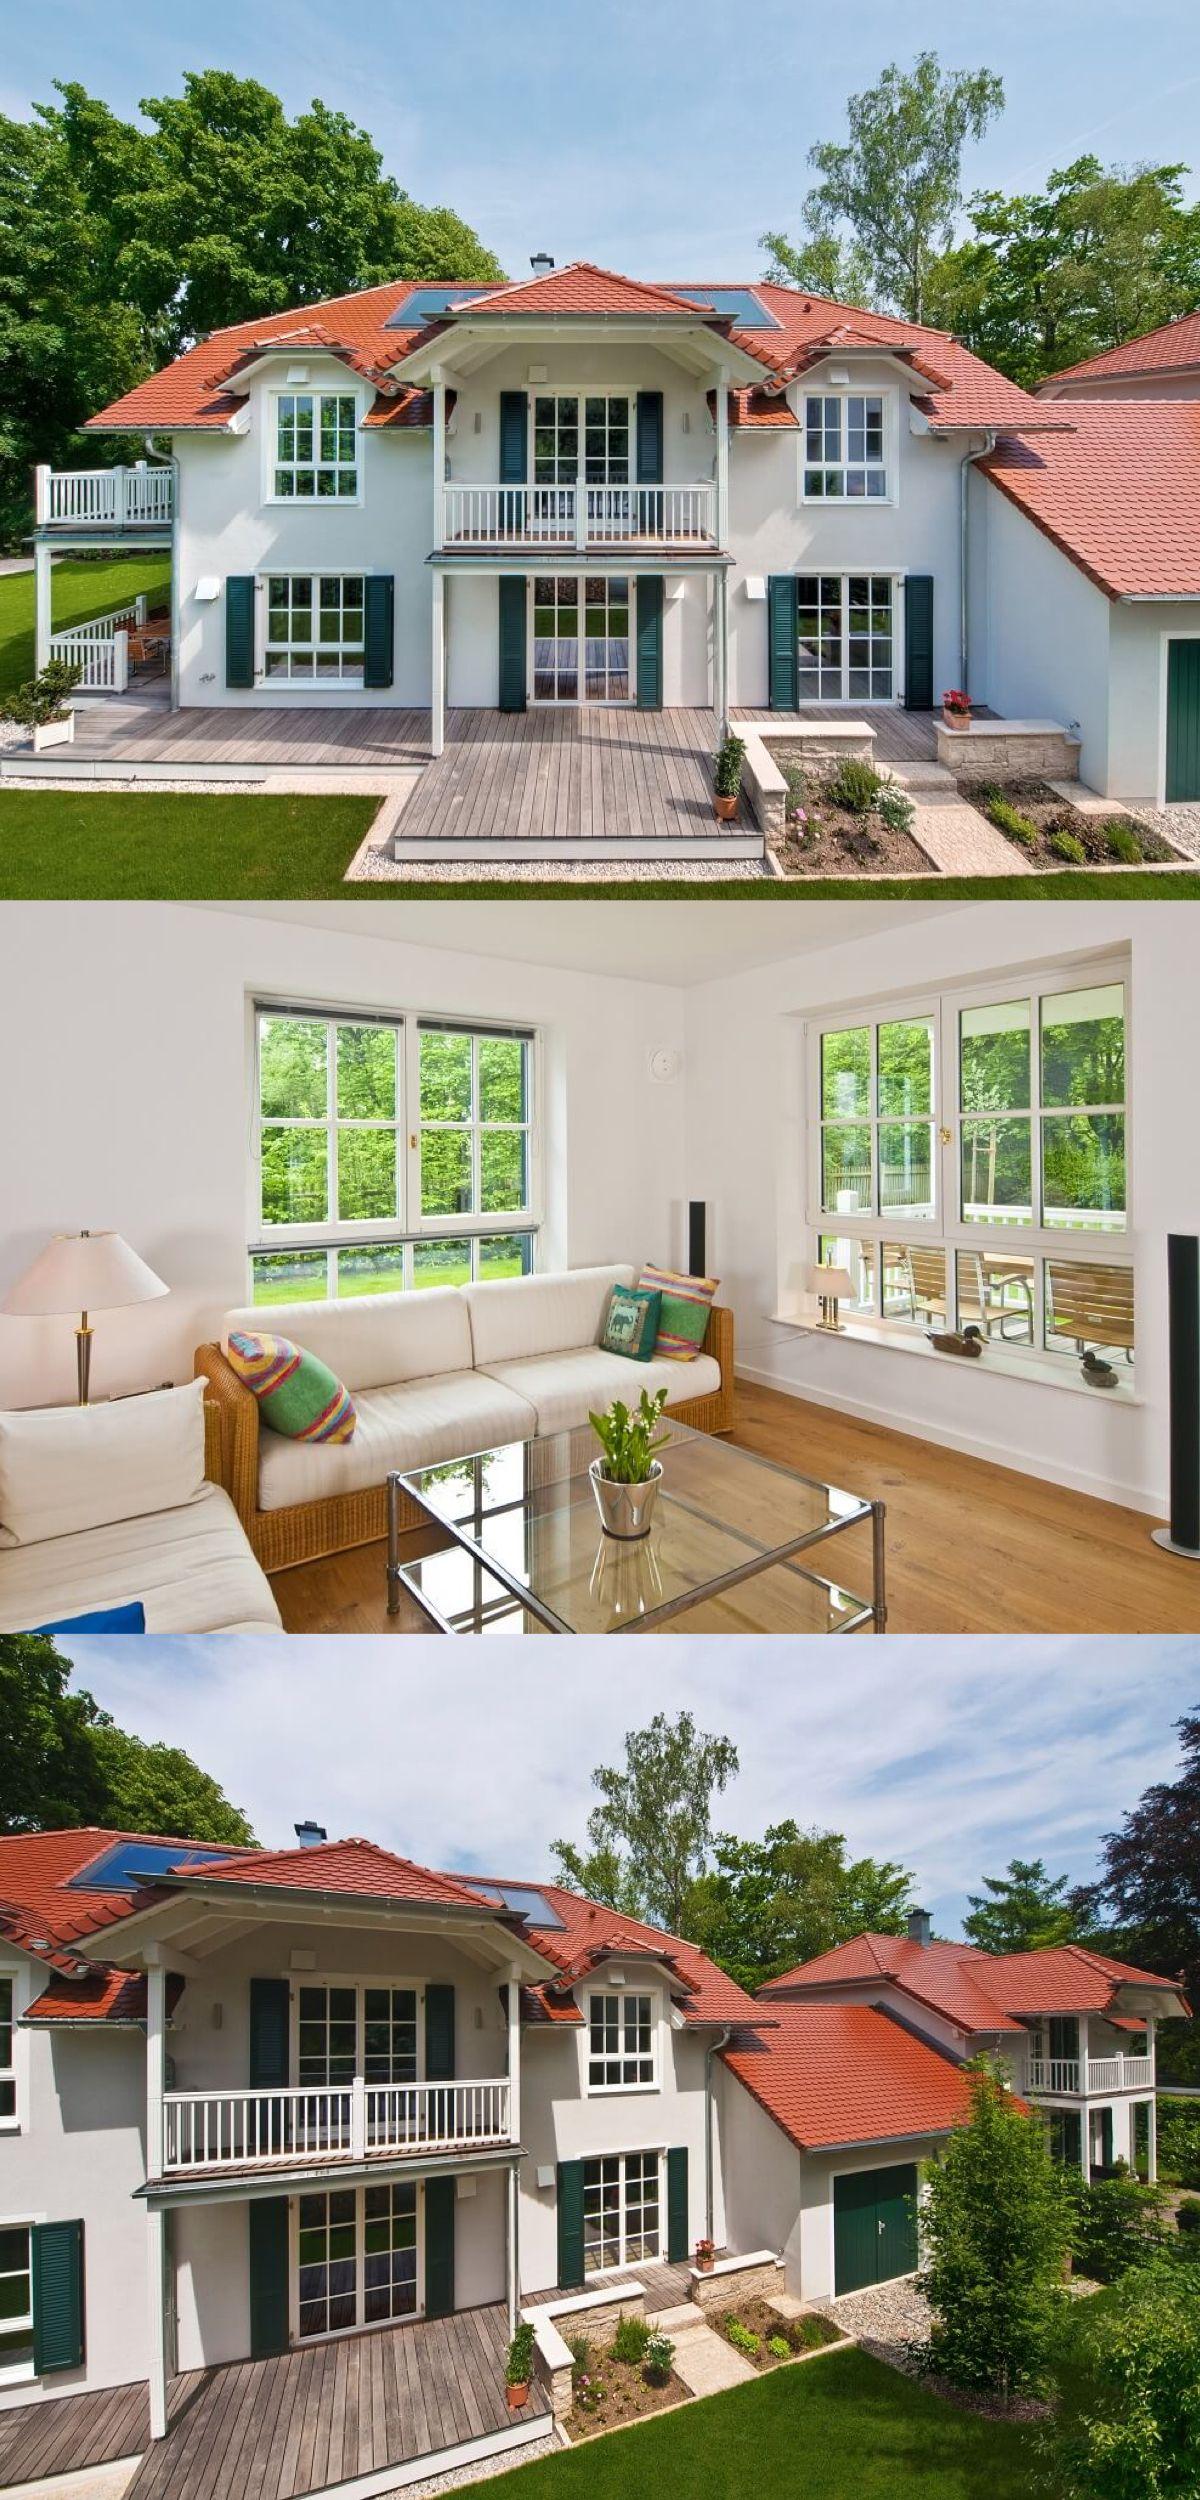 zweifamilienhaus im landhausstil haus steinhauser von baufritz fertighaus bauen landhaus. Black Bedroom Furniture Sets. Home Design Ideas